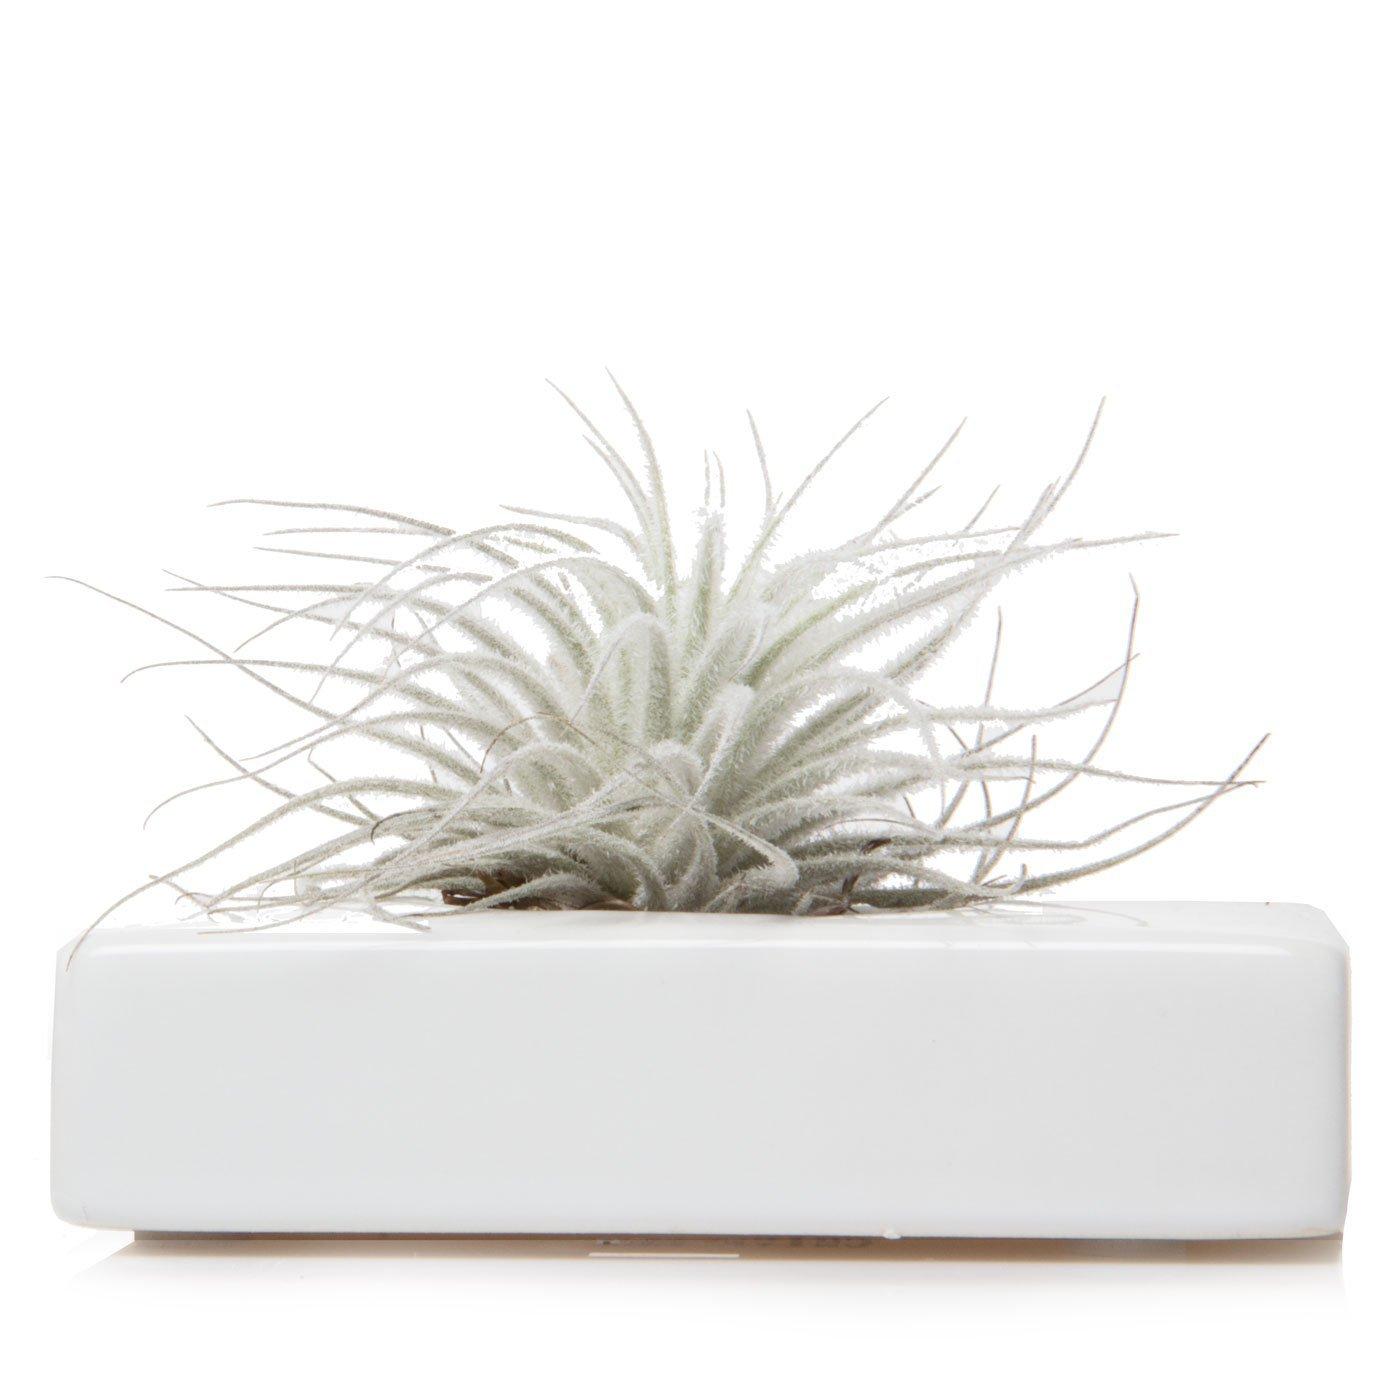 Chive - Swayzak Ceramic White Rectangle Flower Vase